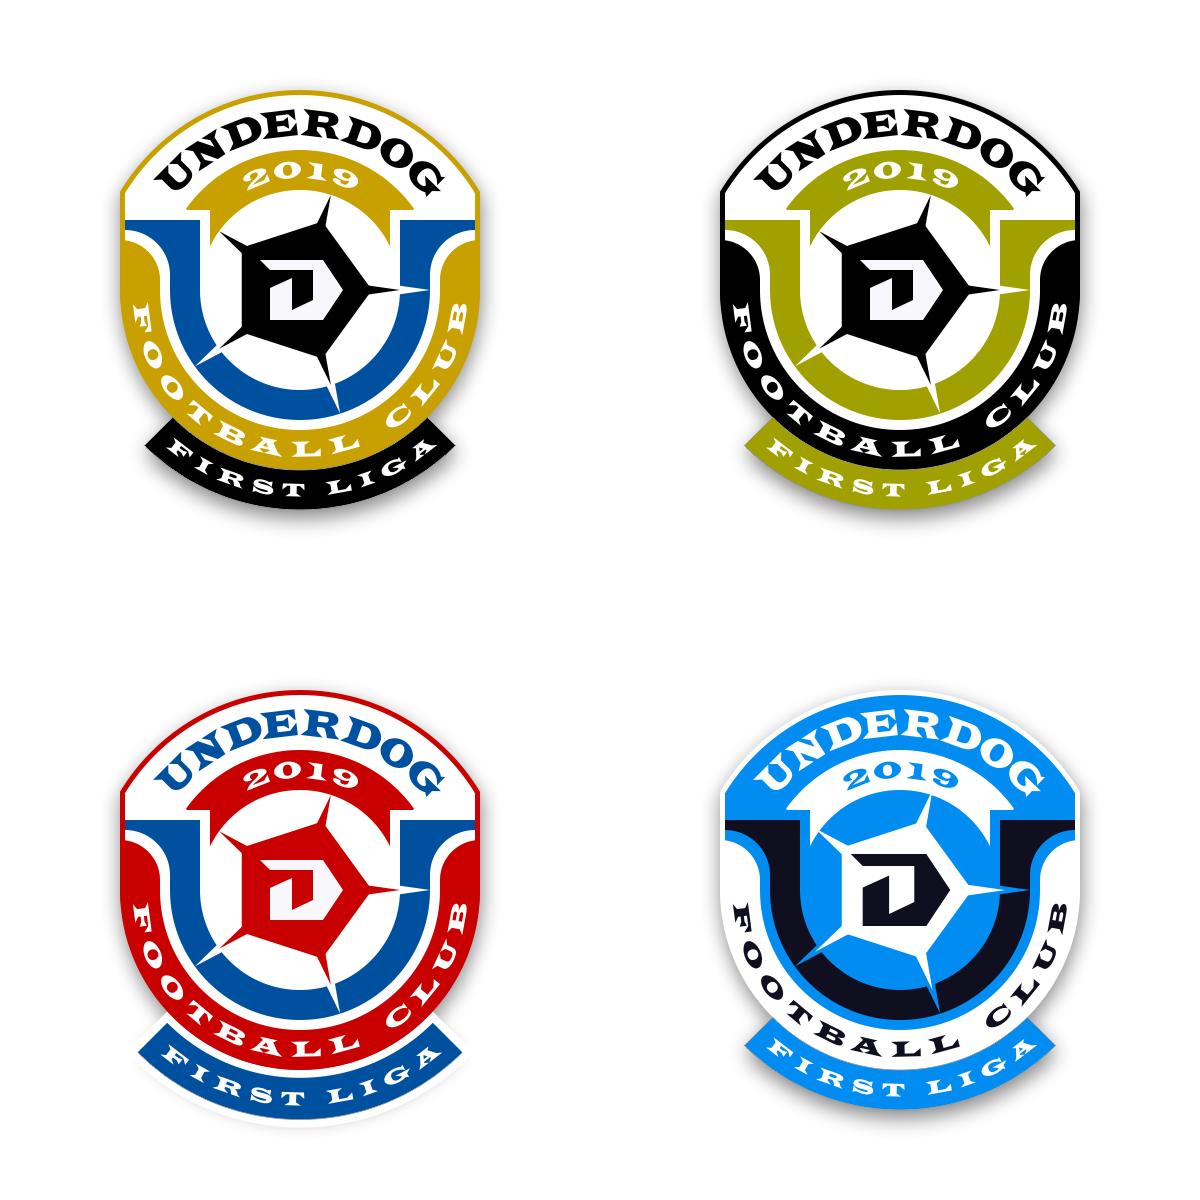 Футбольный клуб UNDERDOG - разработать фирстиль и бренд-бук фото f_2095cb350f279425.png